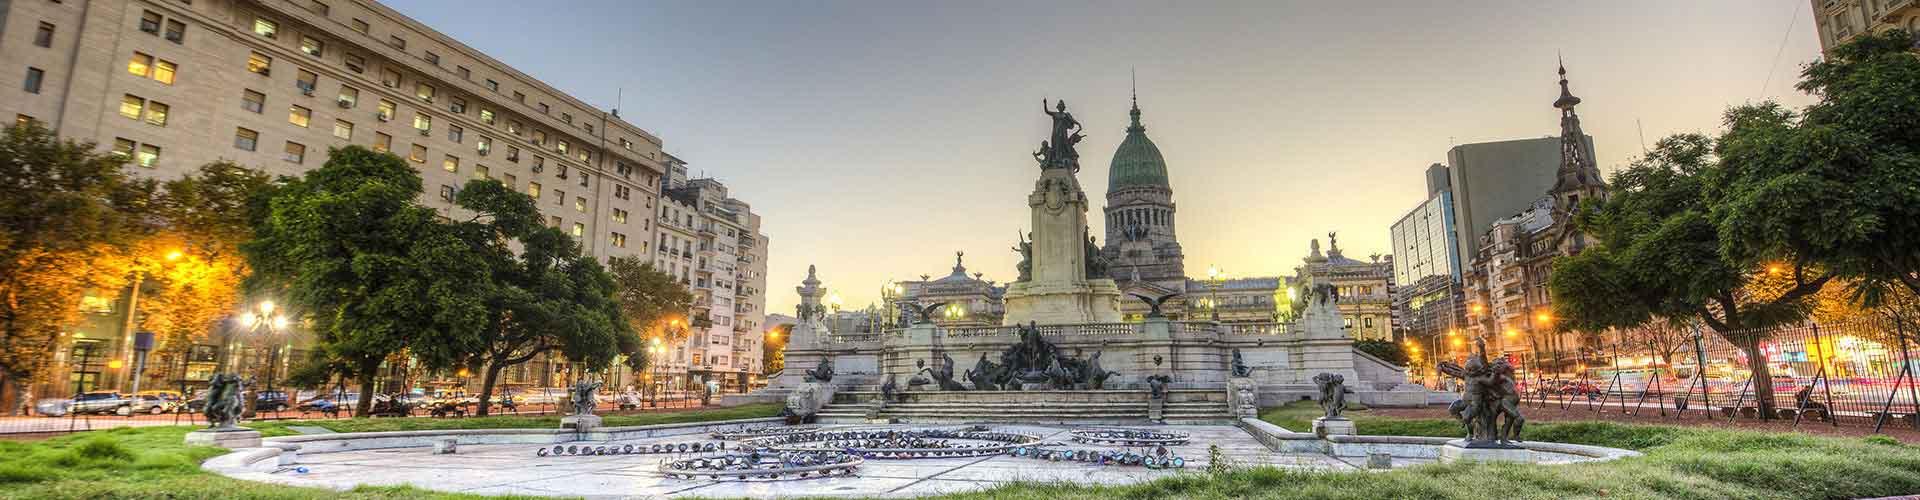 Buenos Aires - Ubytovny v blízkosti Aeroparque Jorge Newbery. Mapy pro Buenos Aires, fotky a recenze pro každou Ubytovnu - Buenos Aires.